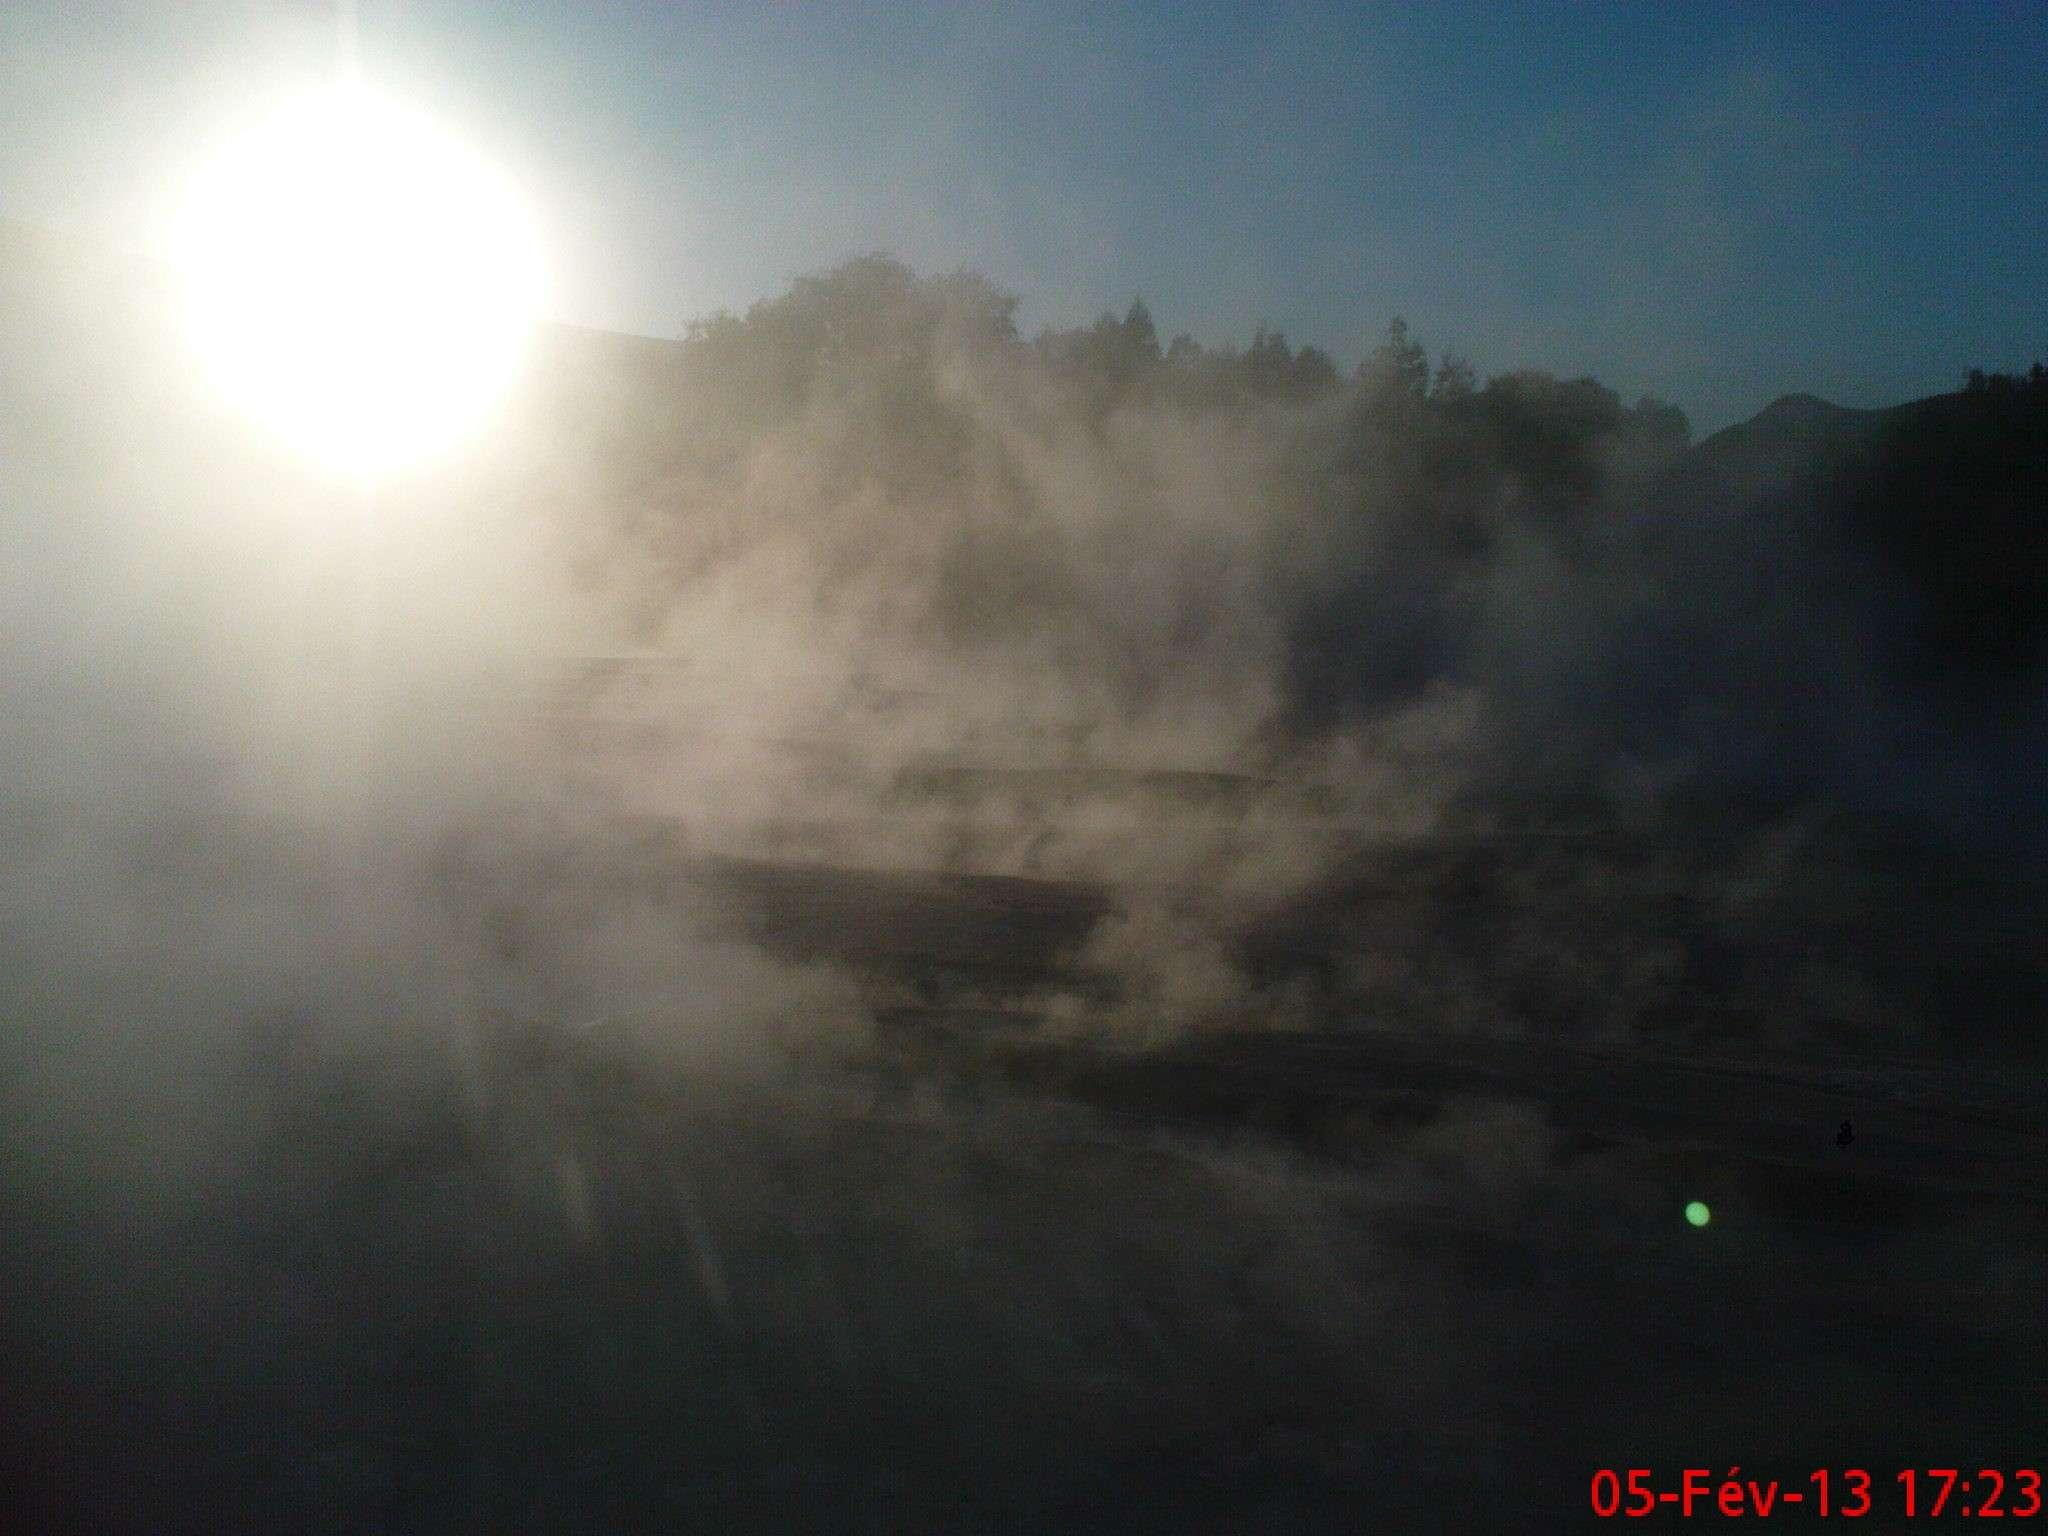 شاهد سحر وجمال الطبيعة في حمام المسخوطين Dsc02131